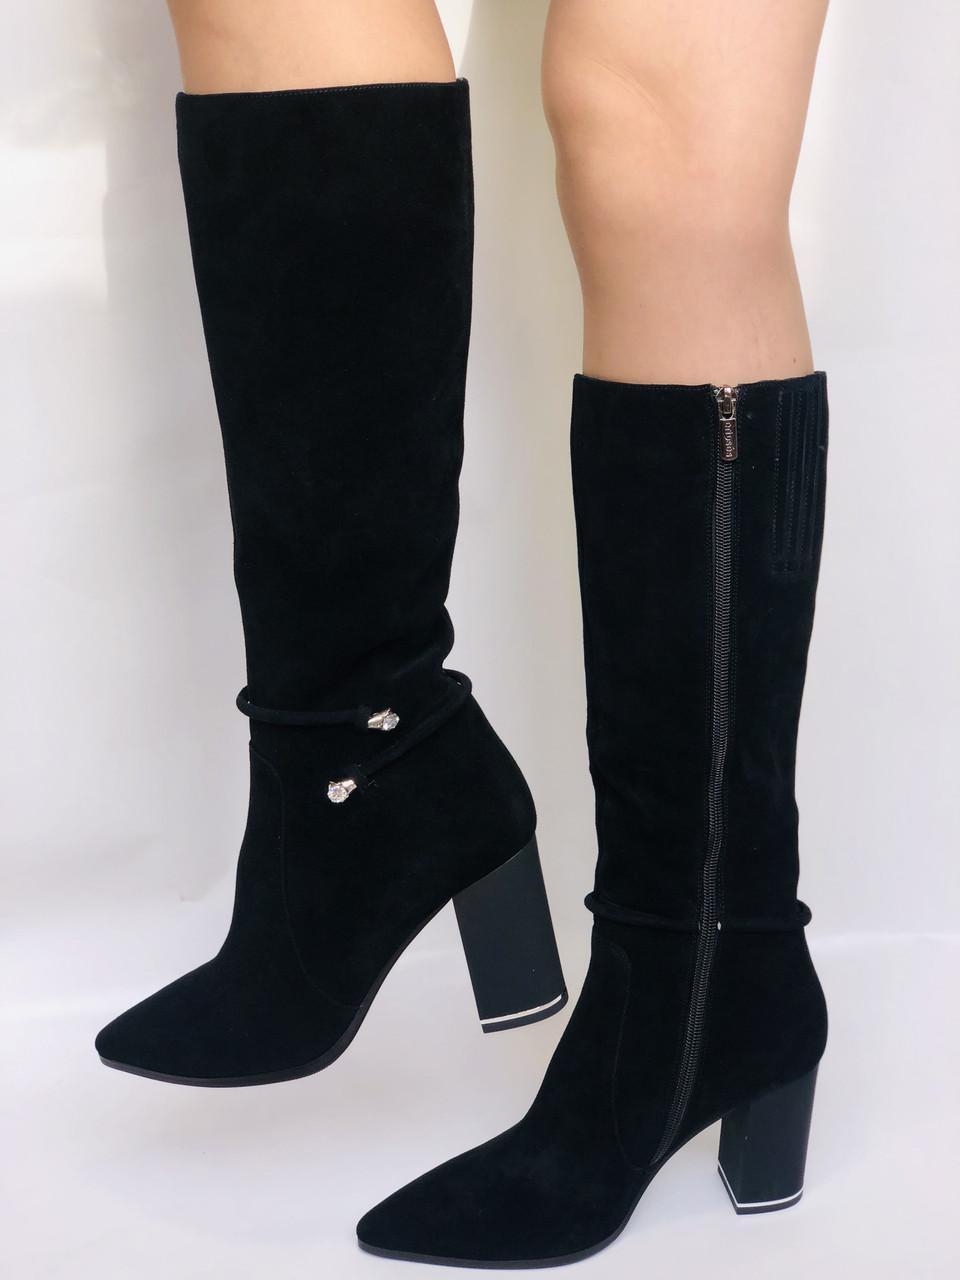 Женские осенне-весенние сапоги на каблуке. Натуральная замша. Люкс качество. Р. 35. 36. 37.39. 40